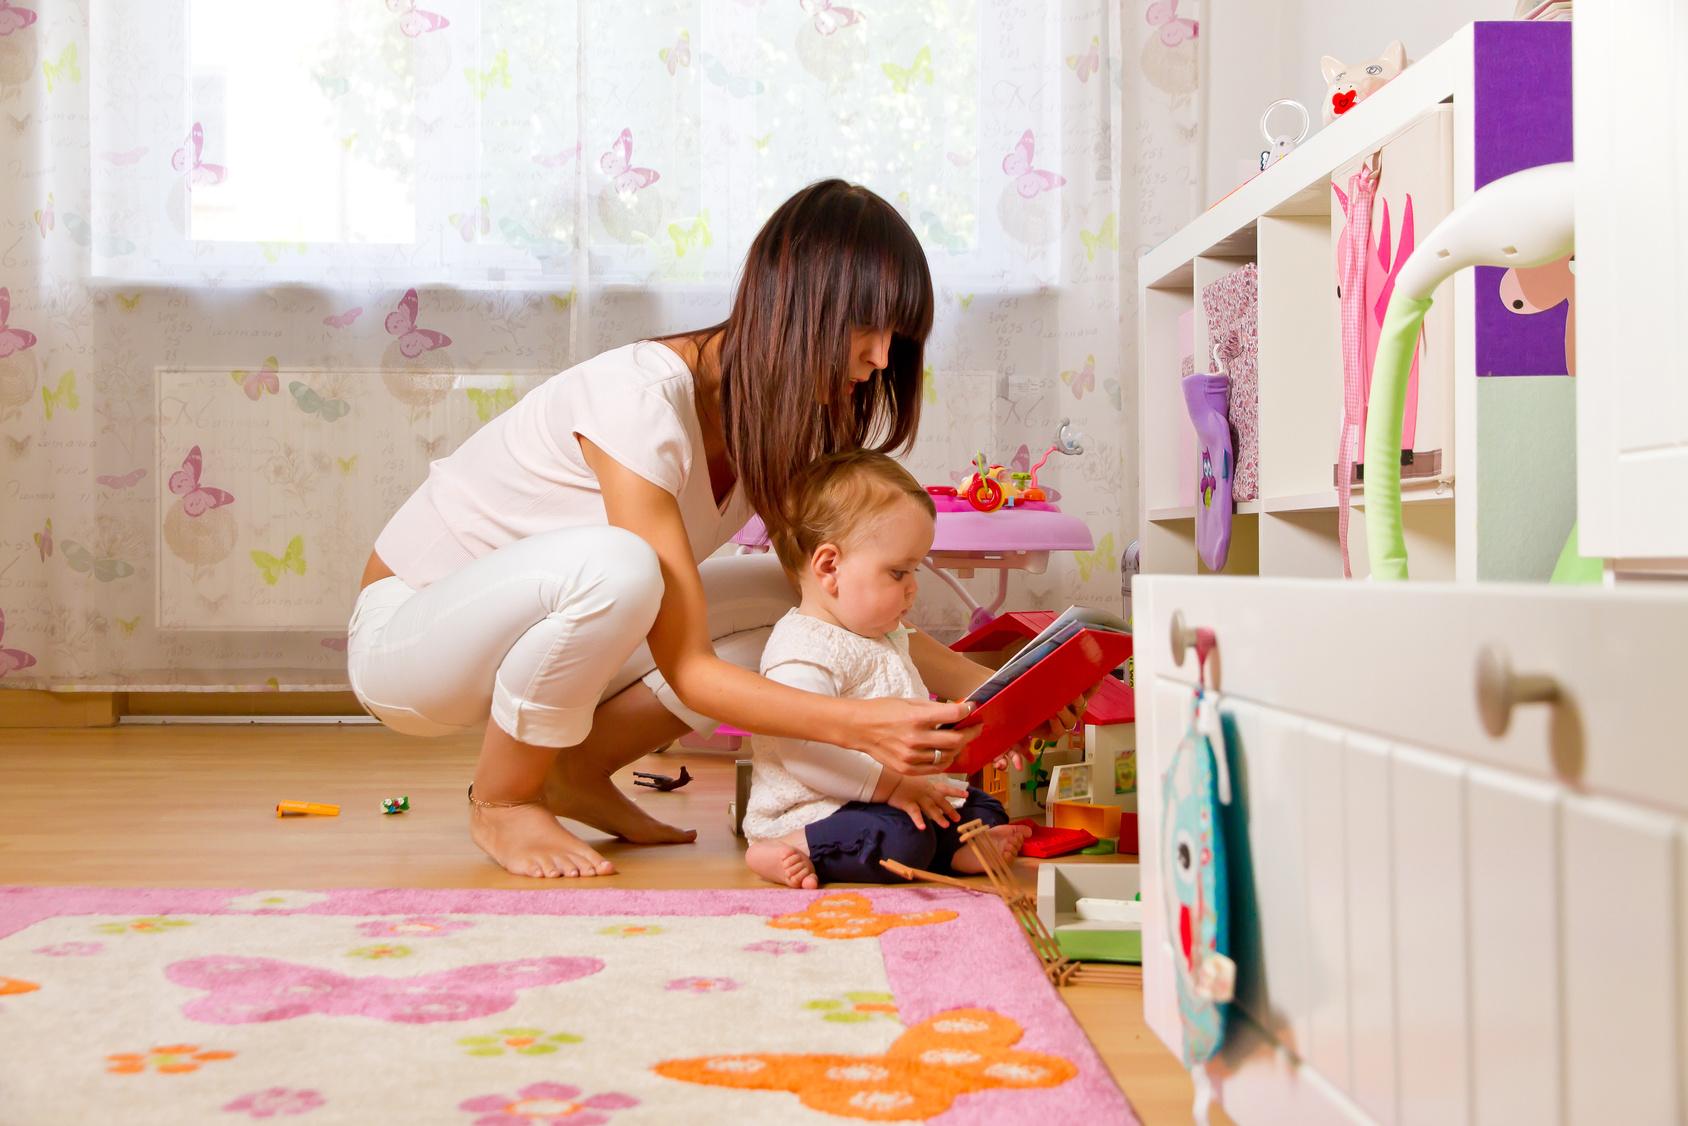 Kostenlose dating-sites für alleinerziehende mütter